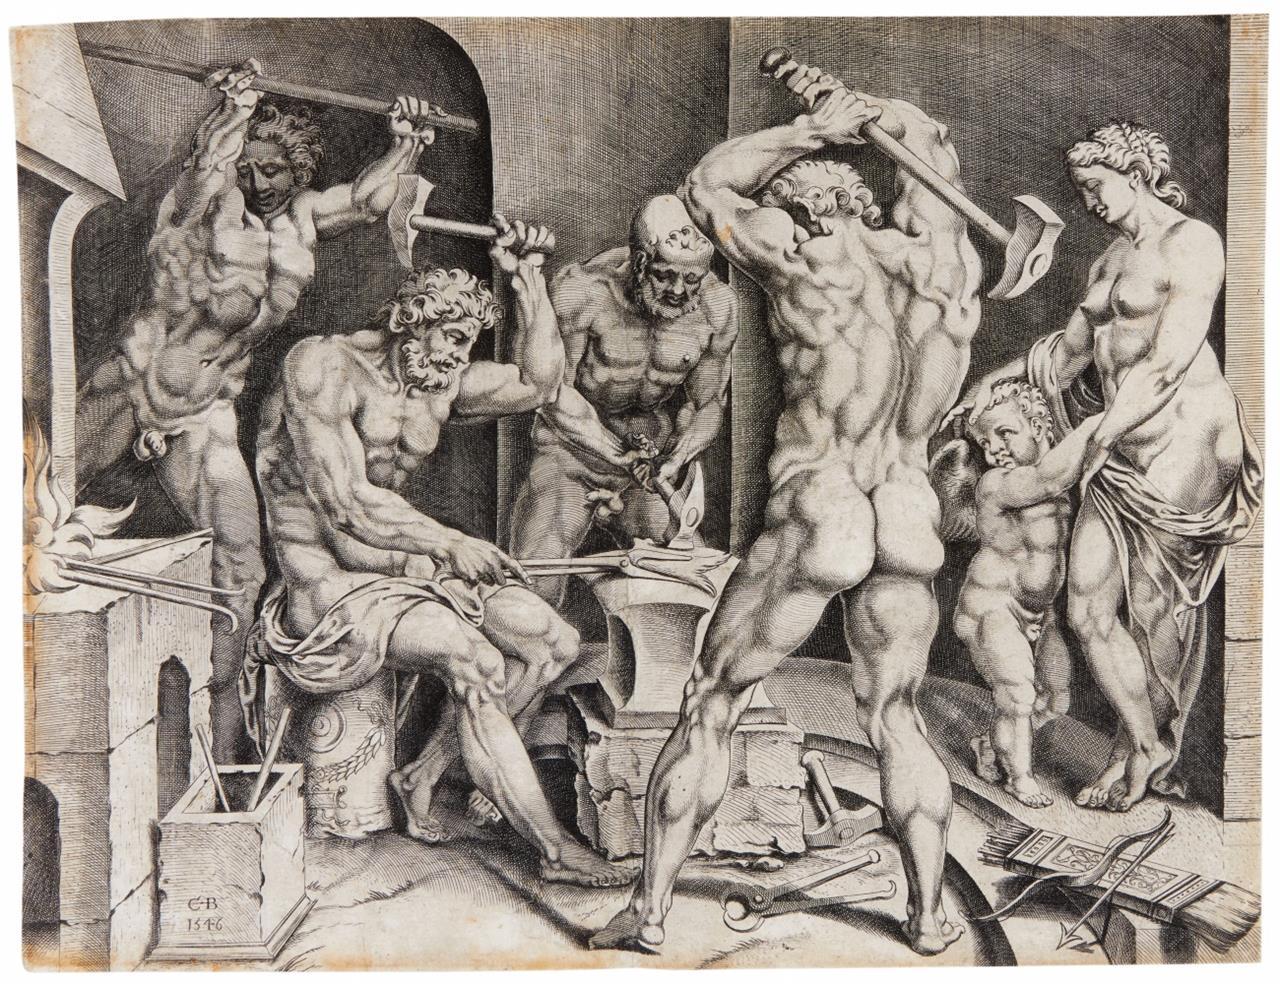 Cornelis Bos. Venus und Amor in der Schmiede des Vulkan. 1546. Kupferstich nach Heemskerck. H 64; NH (Heemskerck) 587.